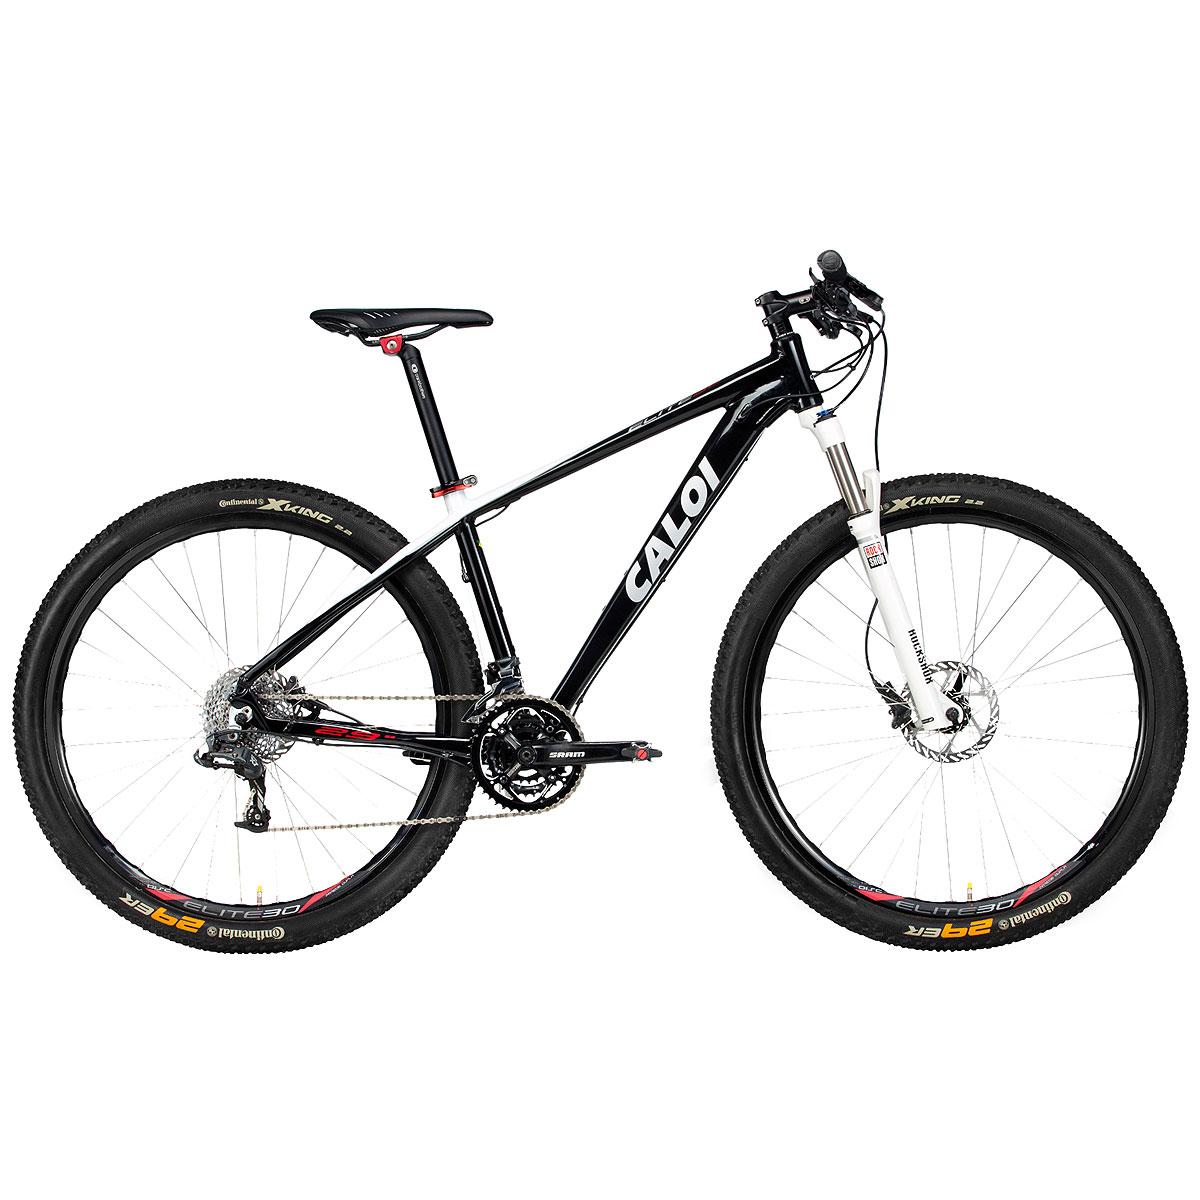 Várias bicicletas Caloi com ótimos descontos na Centauro